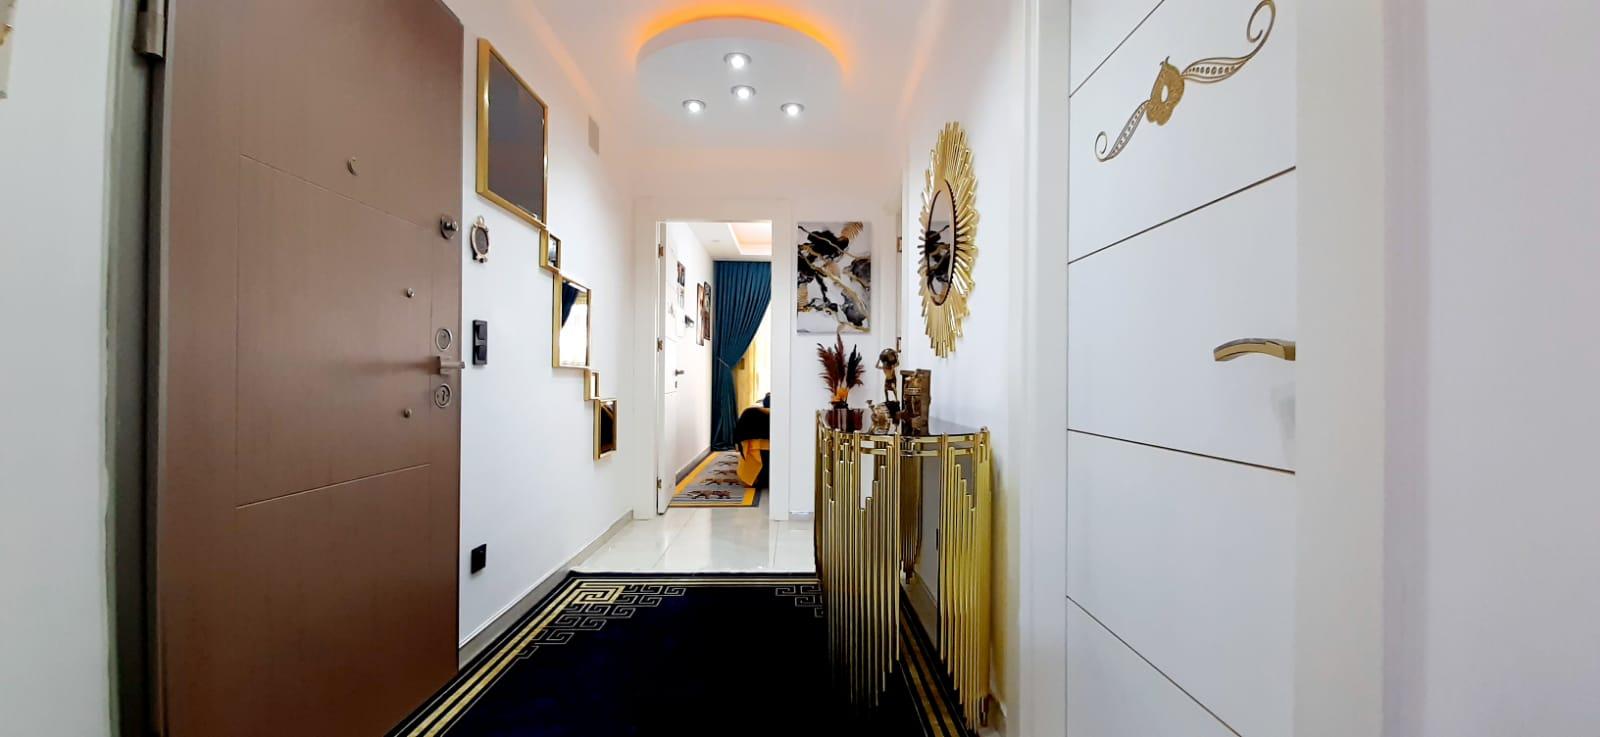 Меблированная квартира 2+1 на первой береговой линии - Фото 9